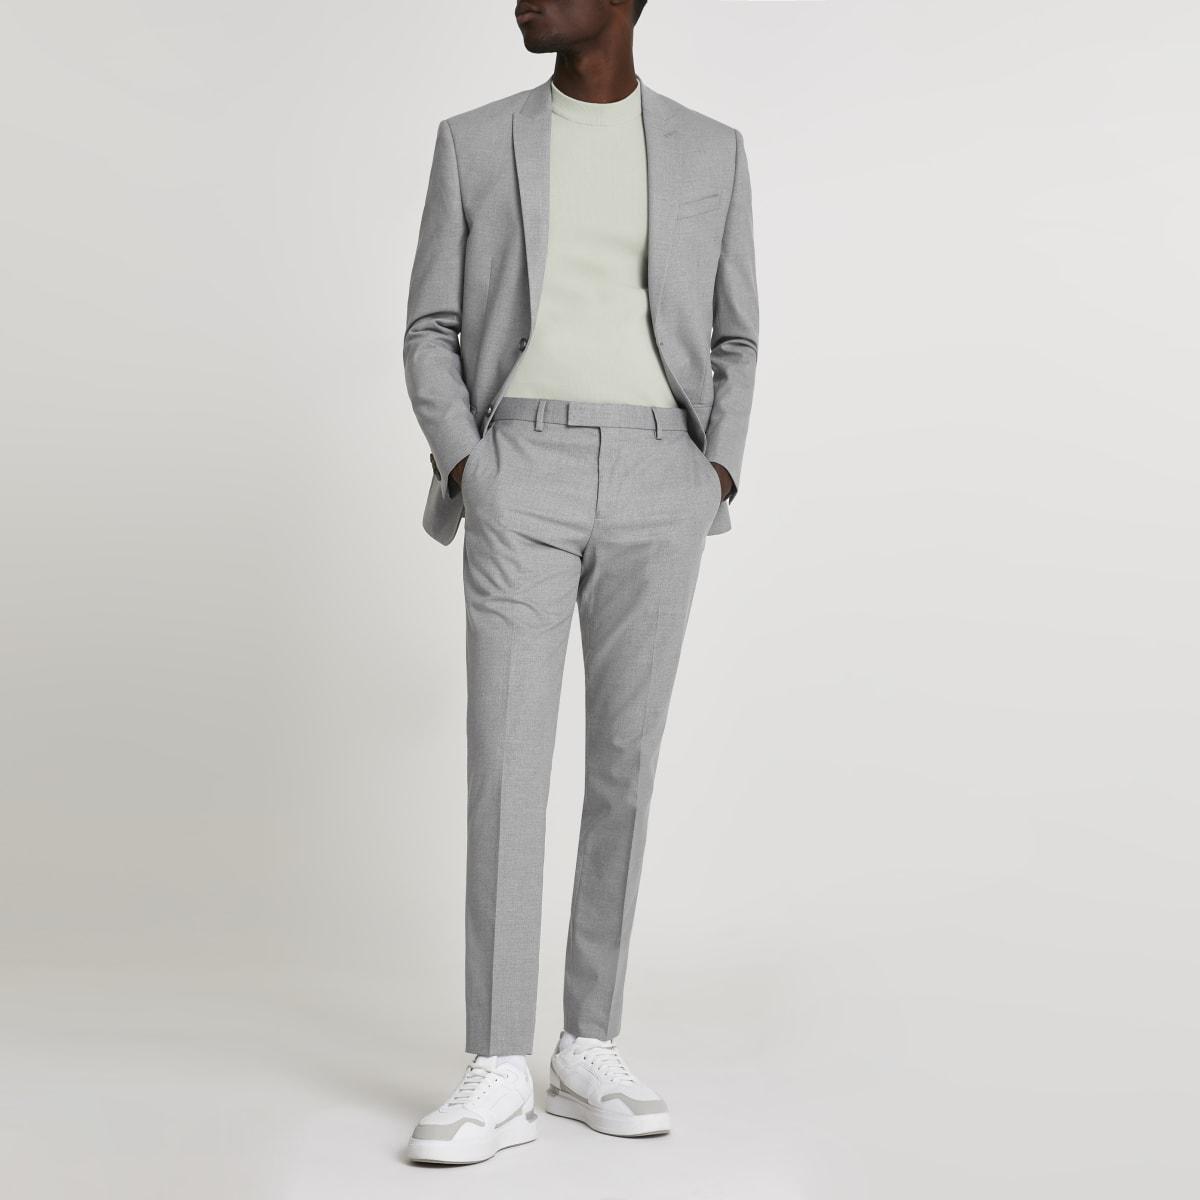 Grijze smalle pantalon met textuur